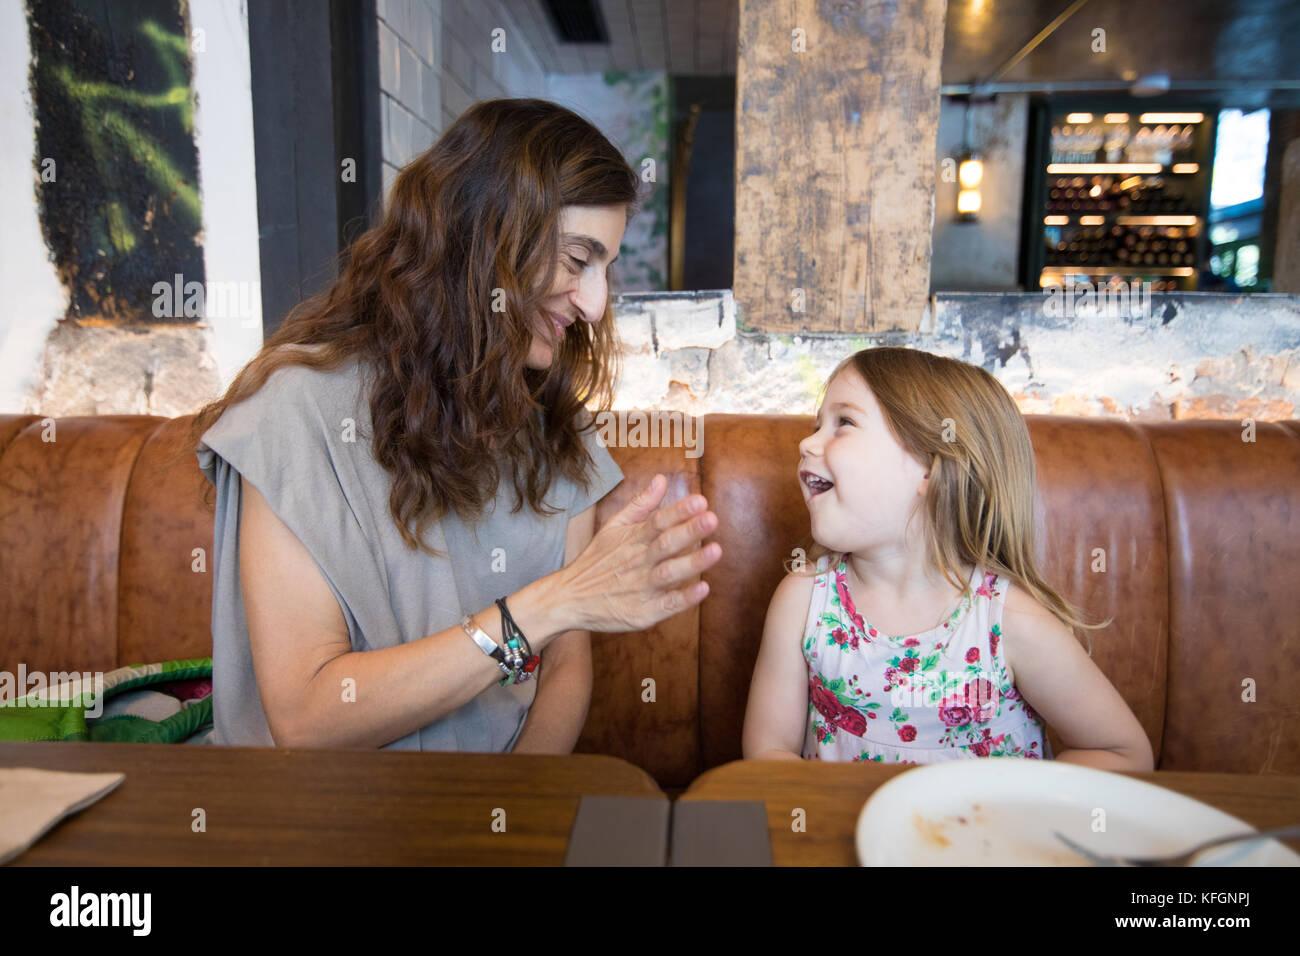 Vier Jahre alter Blondine glücklich lachen und sprechen mit Frau Mutter sitzen in braunem Leder Sofa im Restaurant Stockbild